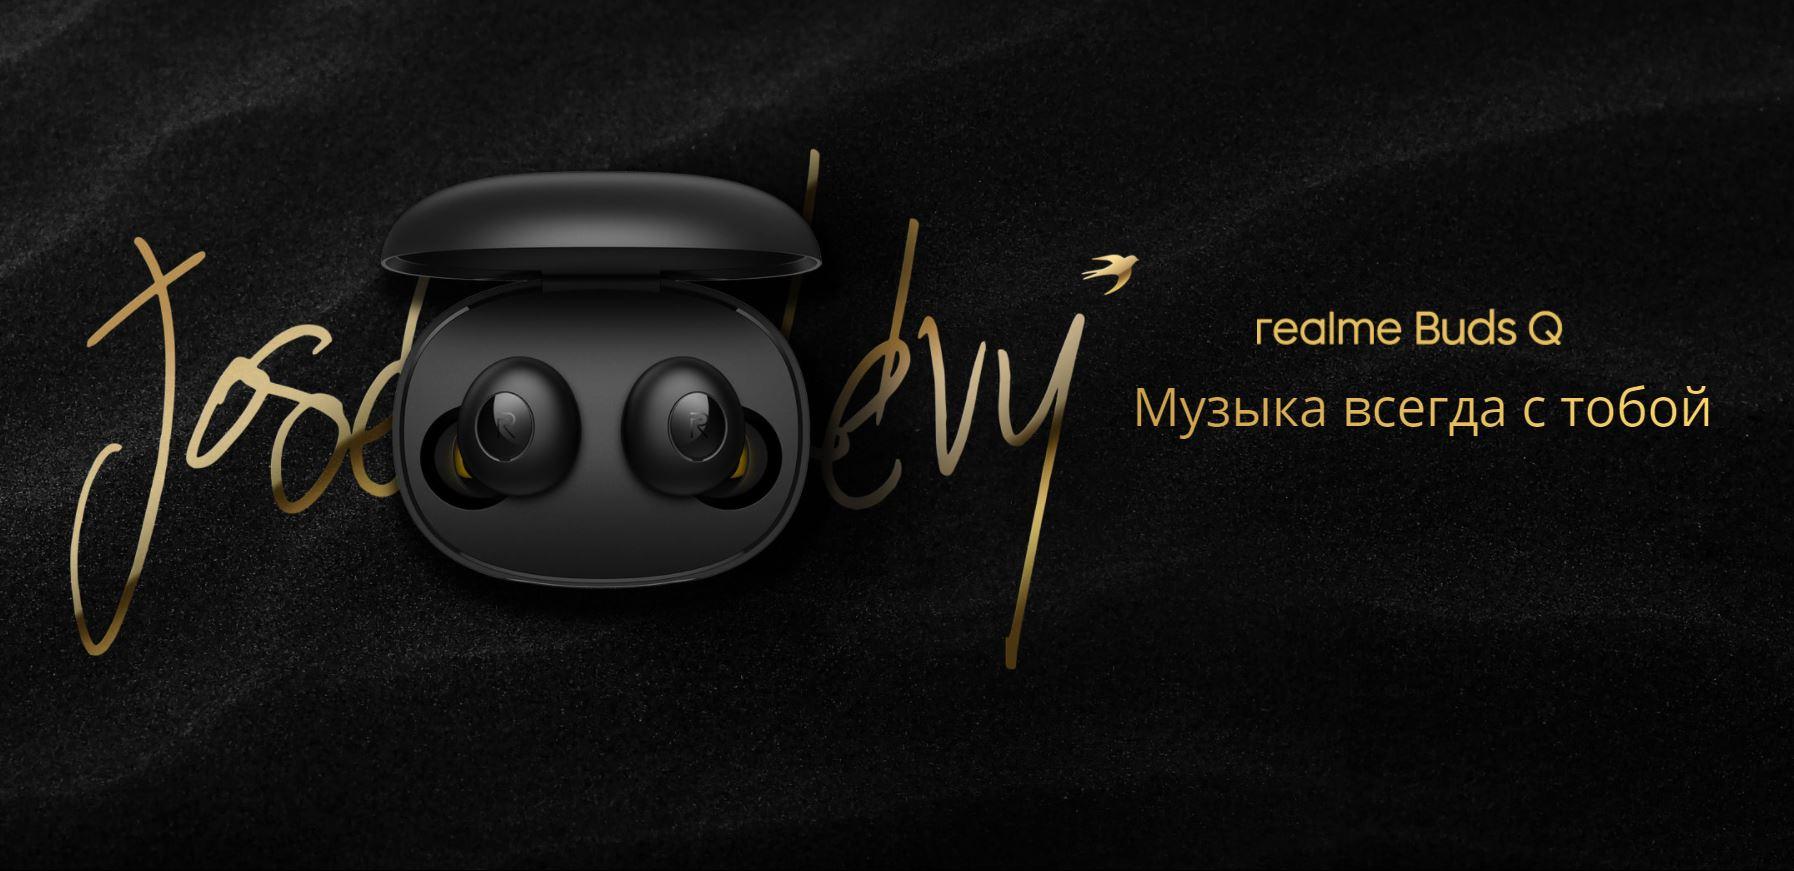 Realme C15, 6s, Buds Q доступны в России Другие устройства  - realme_c15_realme_6s_i_realme_buds_q_dostupny_v_rossii_ceny_picture2_2